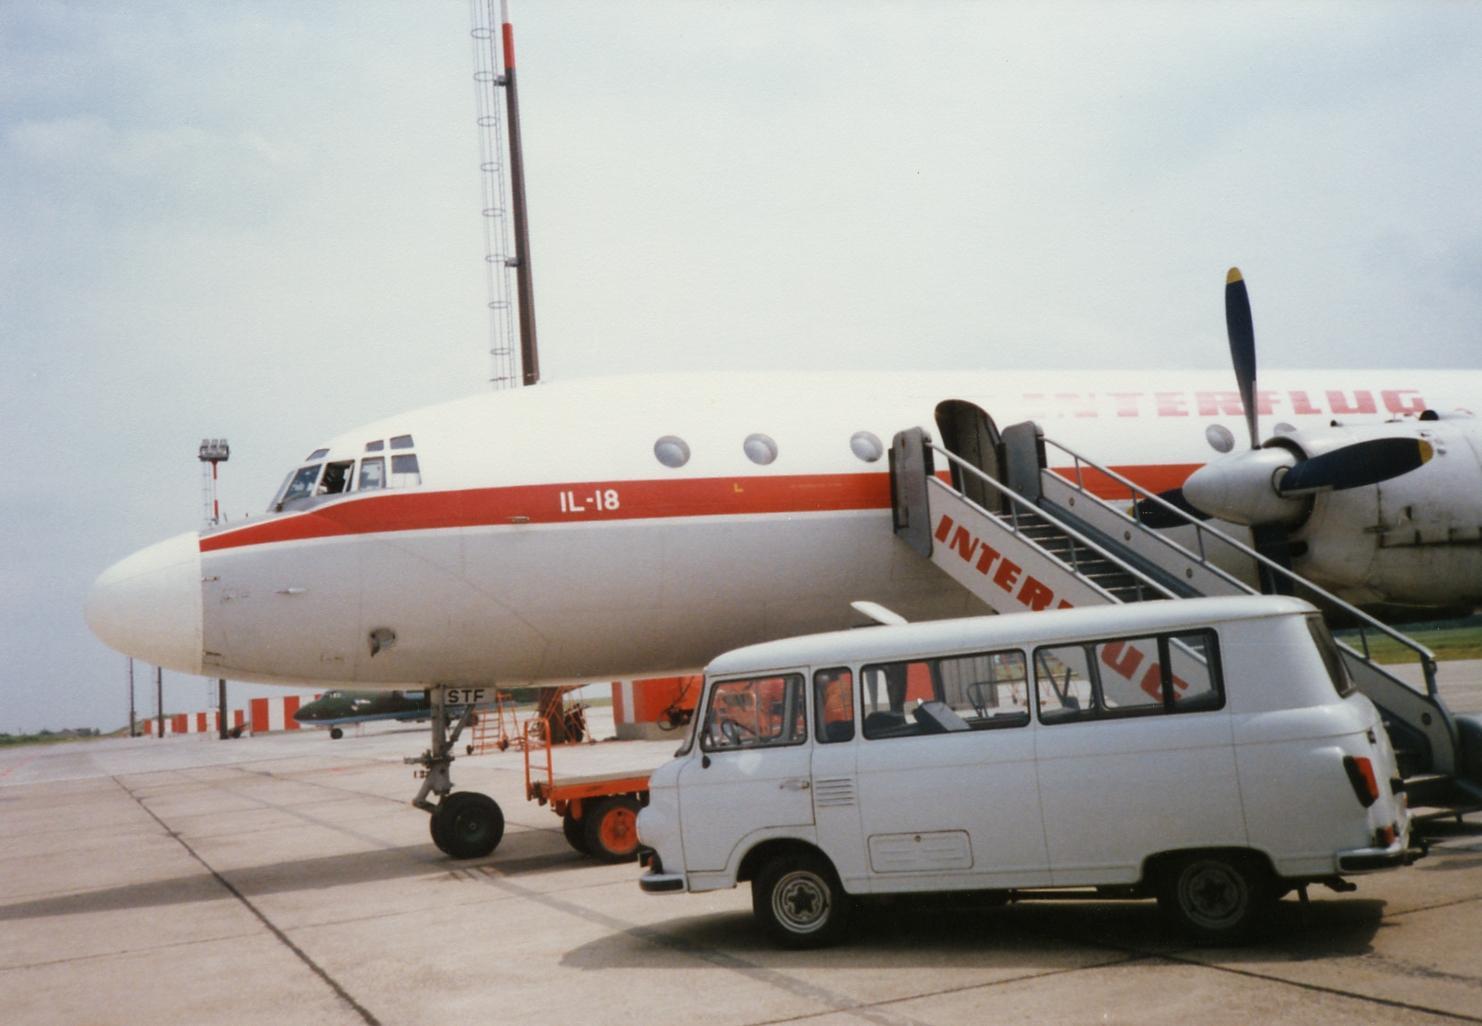 il18-stf-03-g